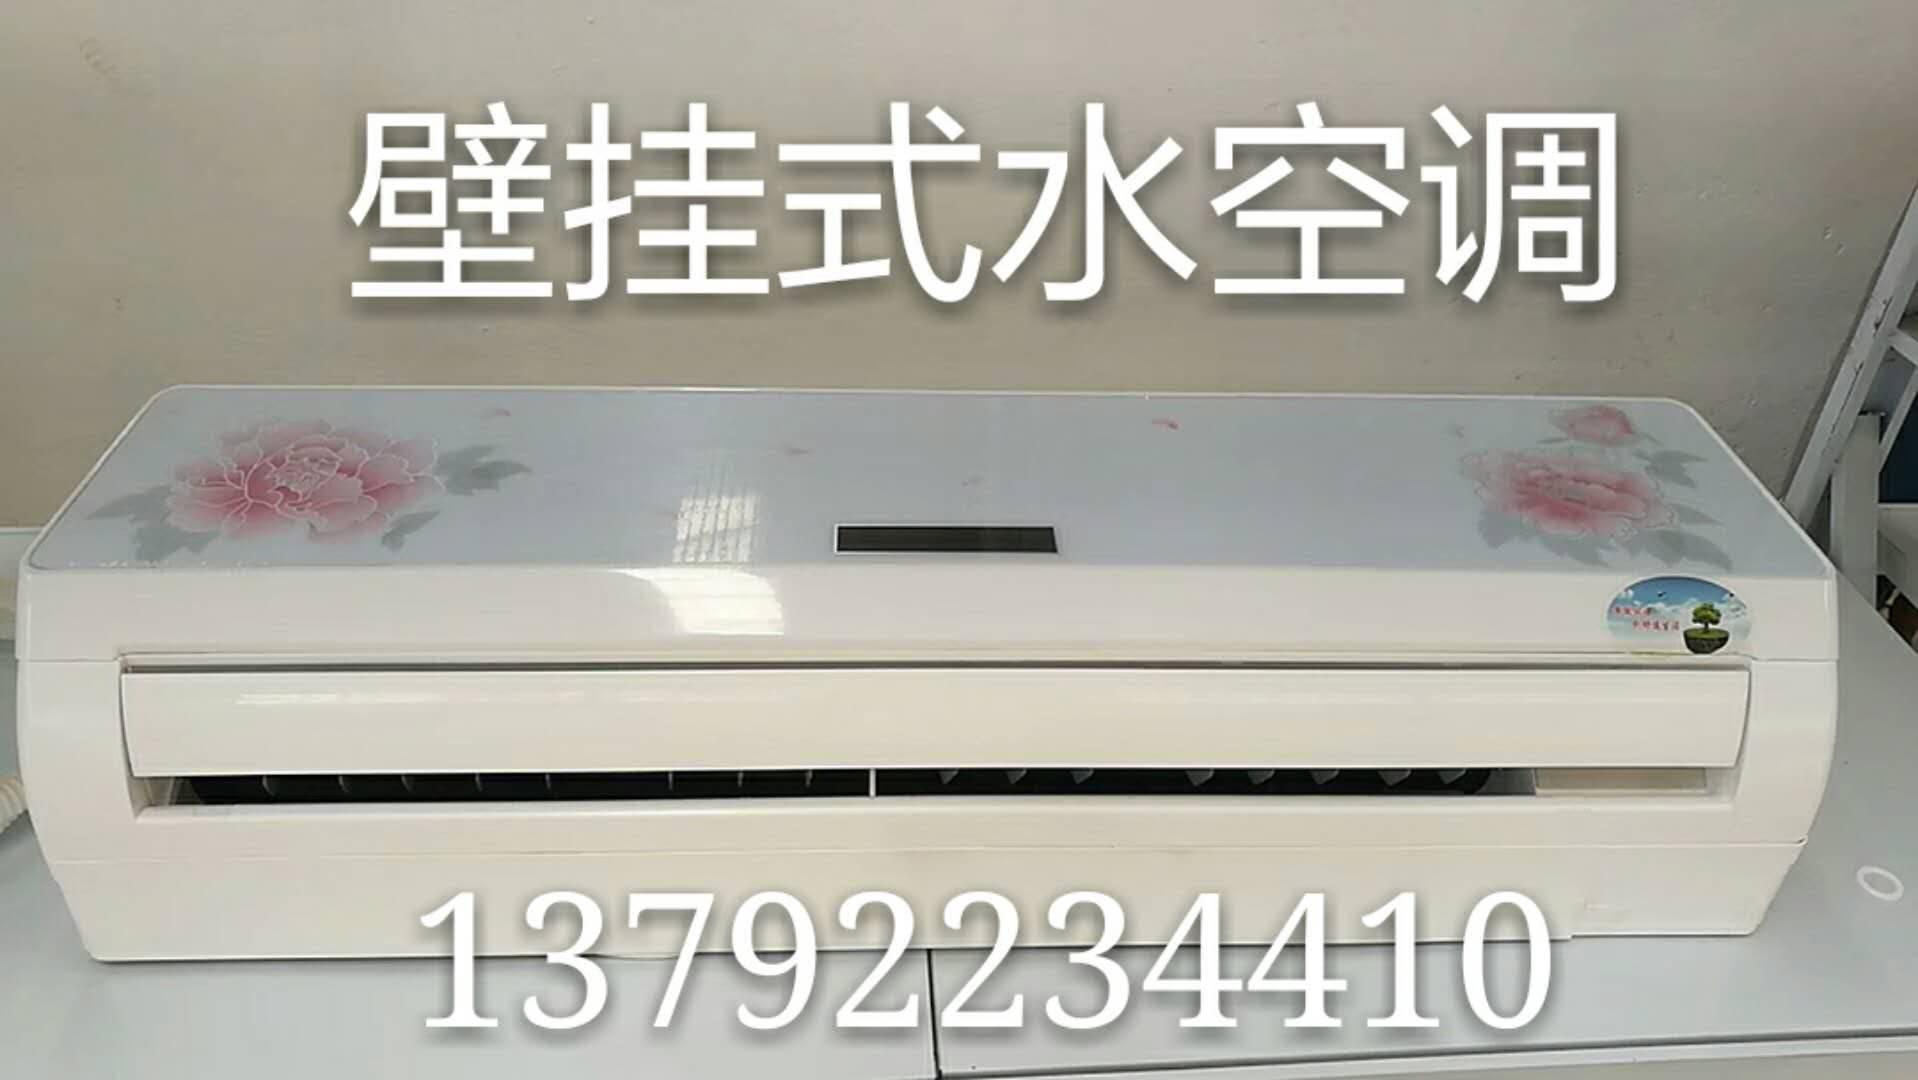 壁挂式水温空调生产厂家